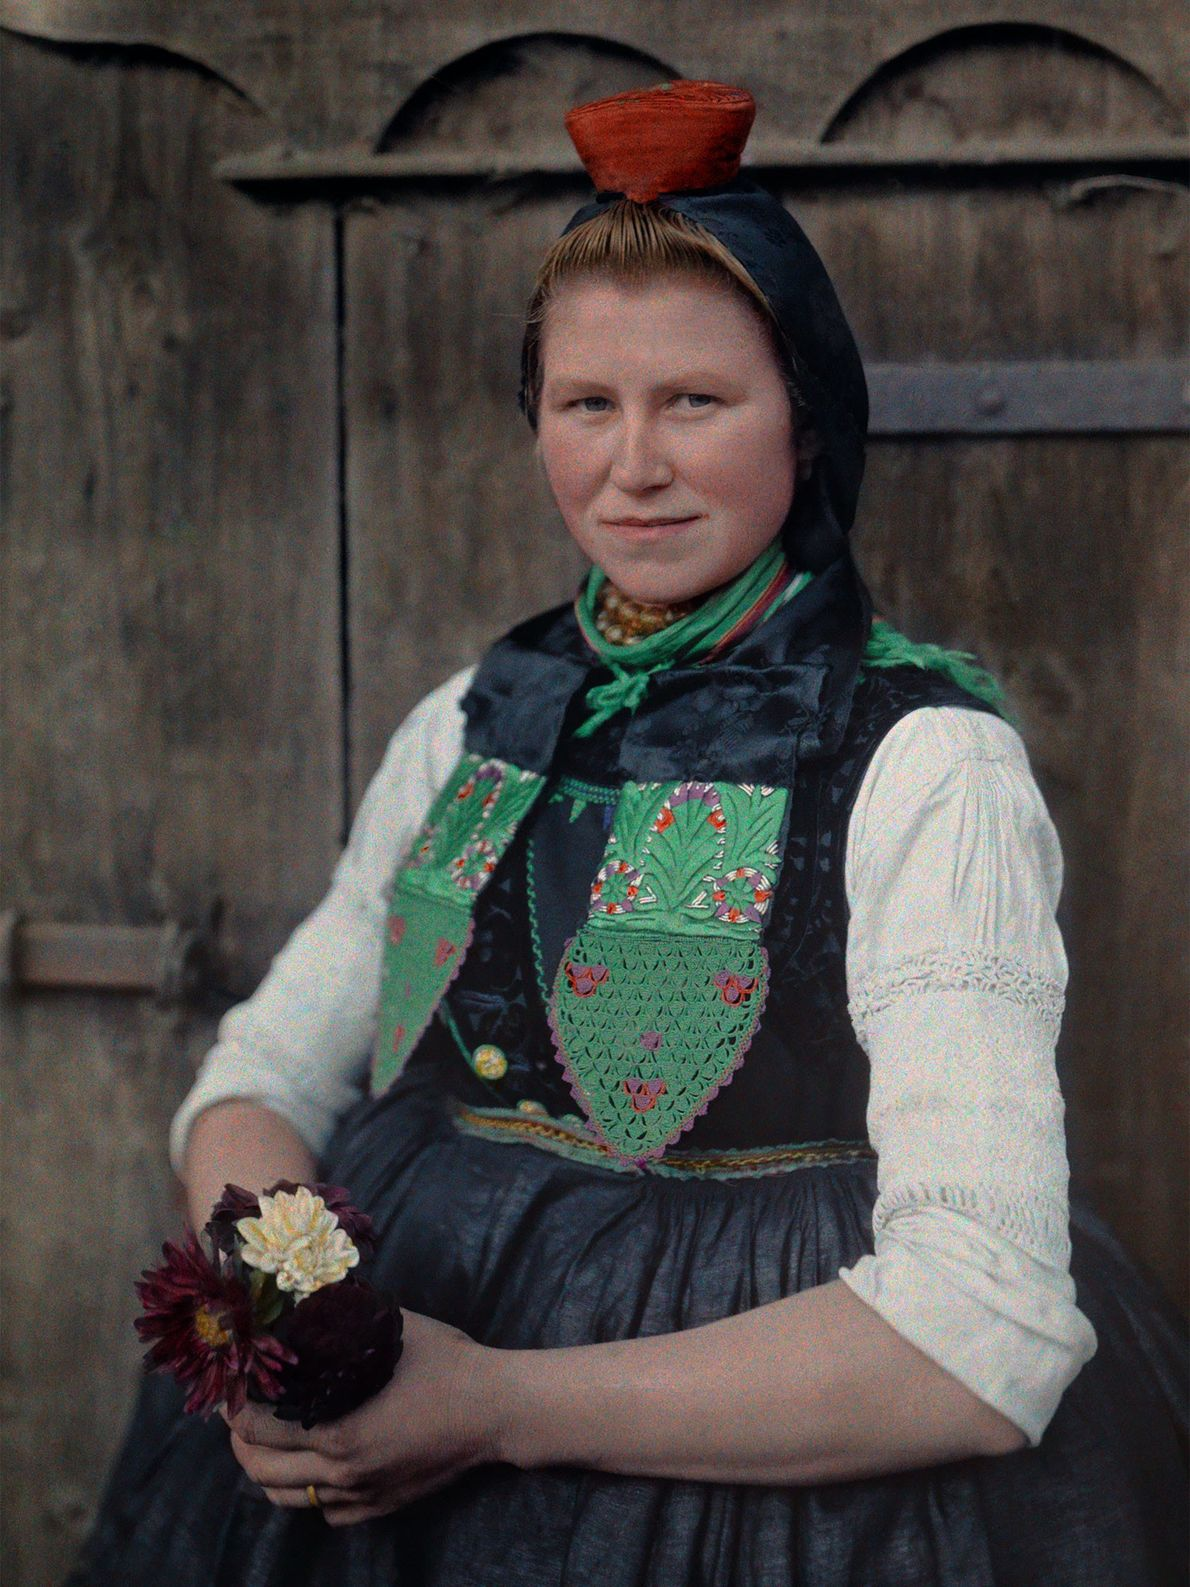 Eine Frau in Schwälmer Tracht hält Blumen in den Händen.